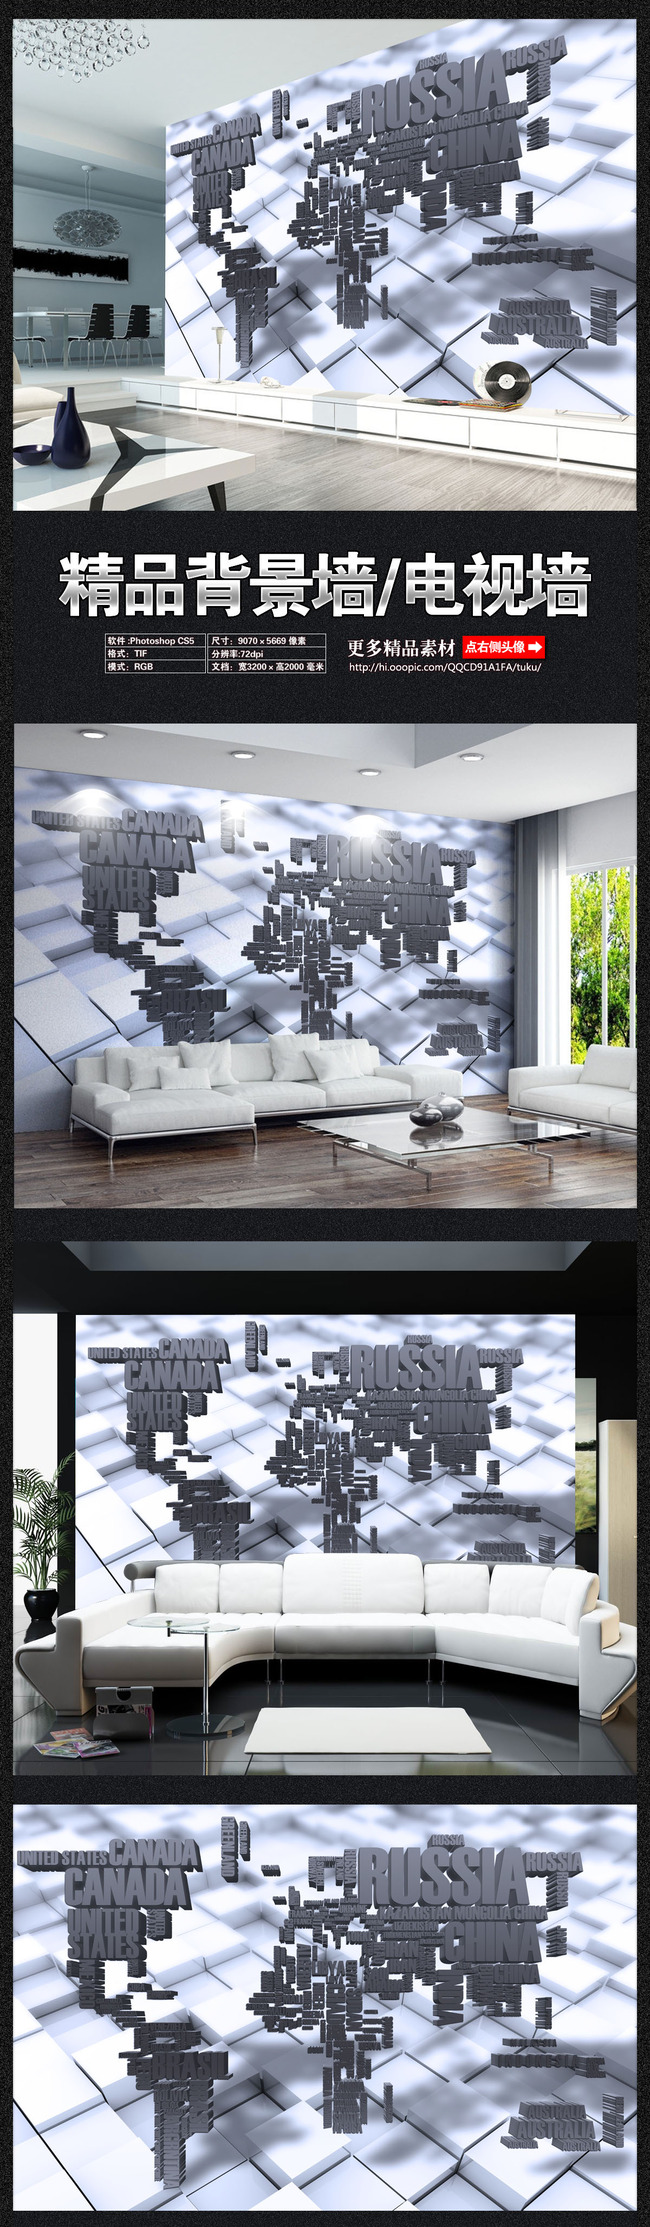 世界地图 工装背景墙 背景墙电视墙客厅背景墙 沙发背景墙 企业文化墙